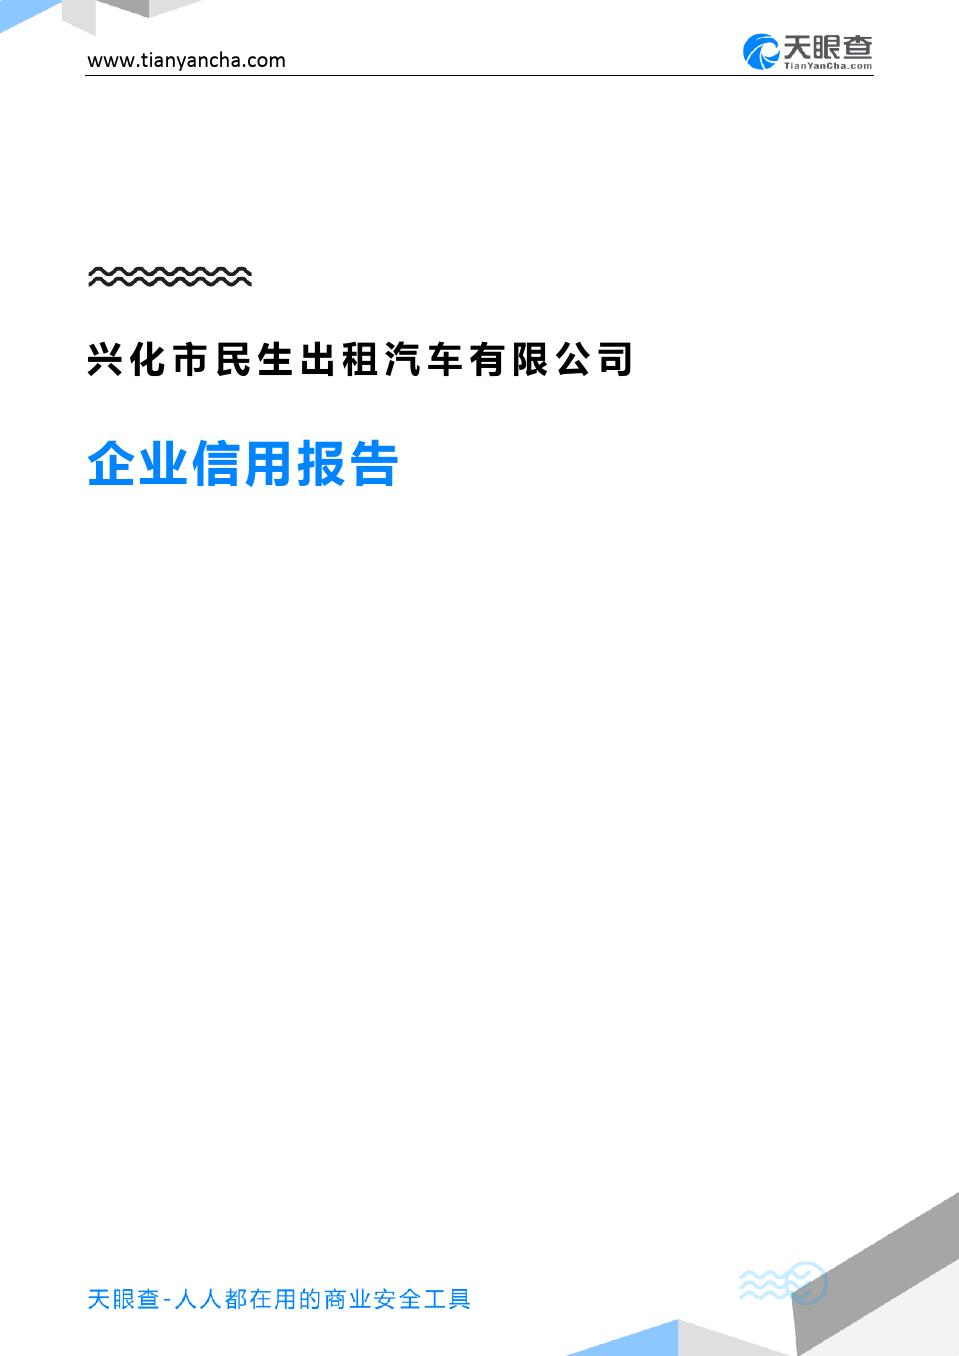 兴化市民生出租汽车有限公司(企业信用报告)- 天眼查